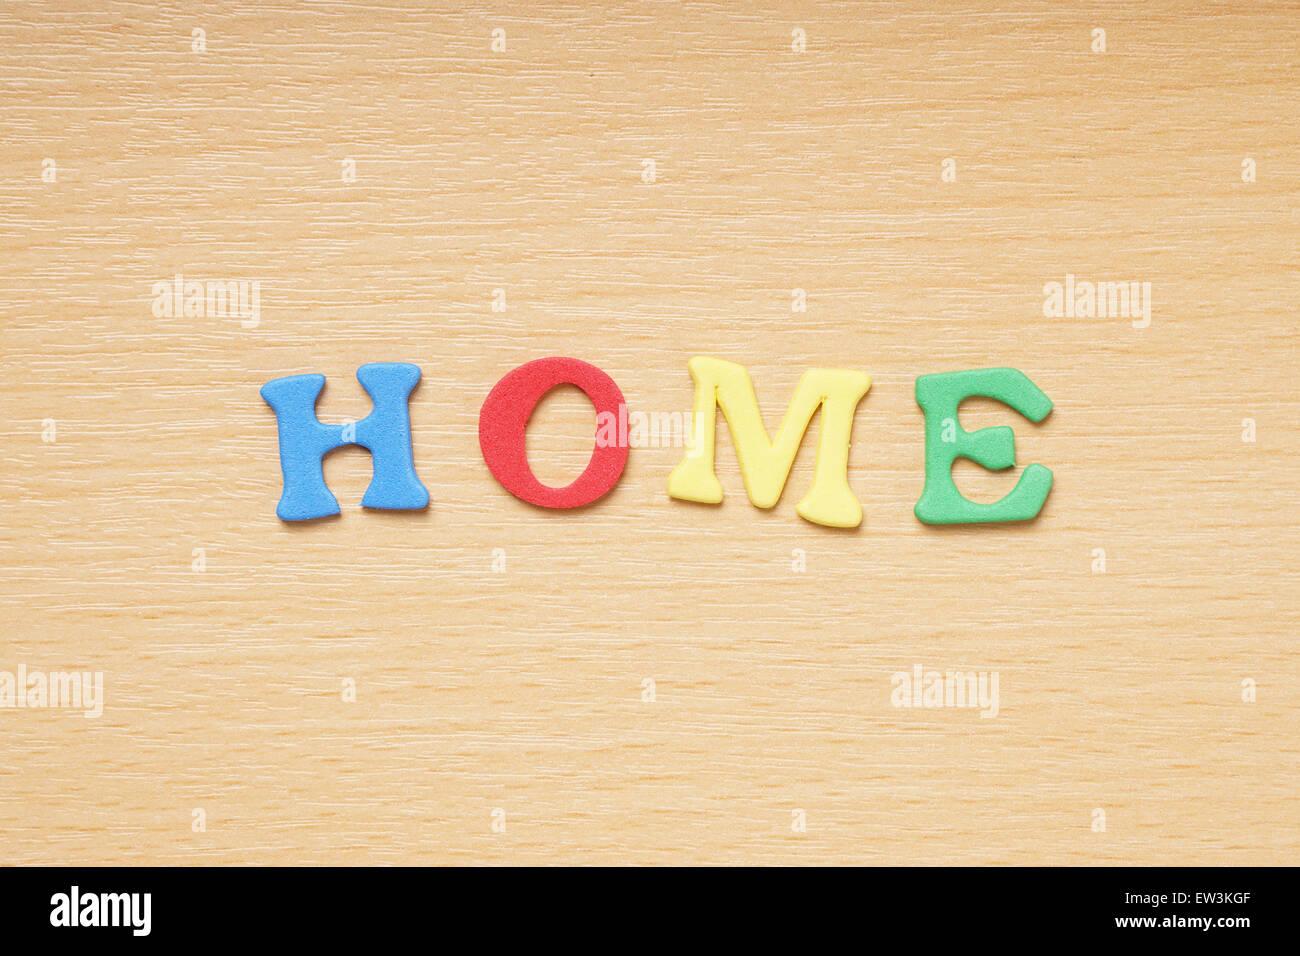 Casa en goma espuma cartas Imagen De Stock